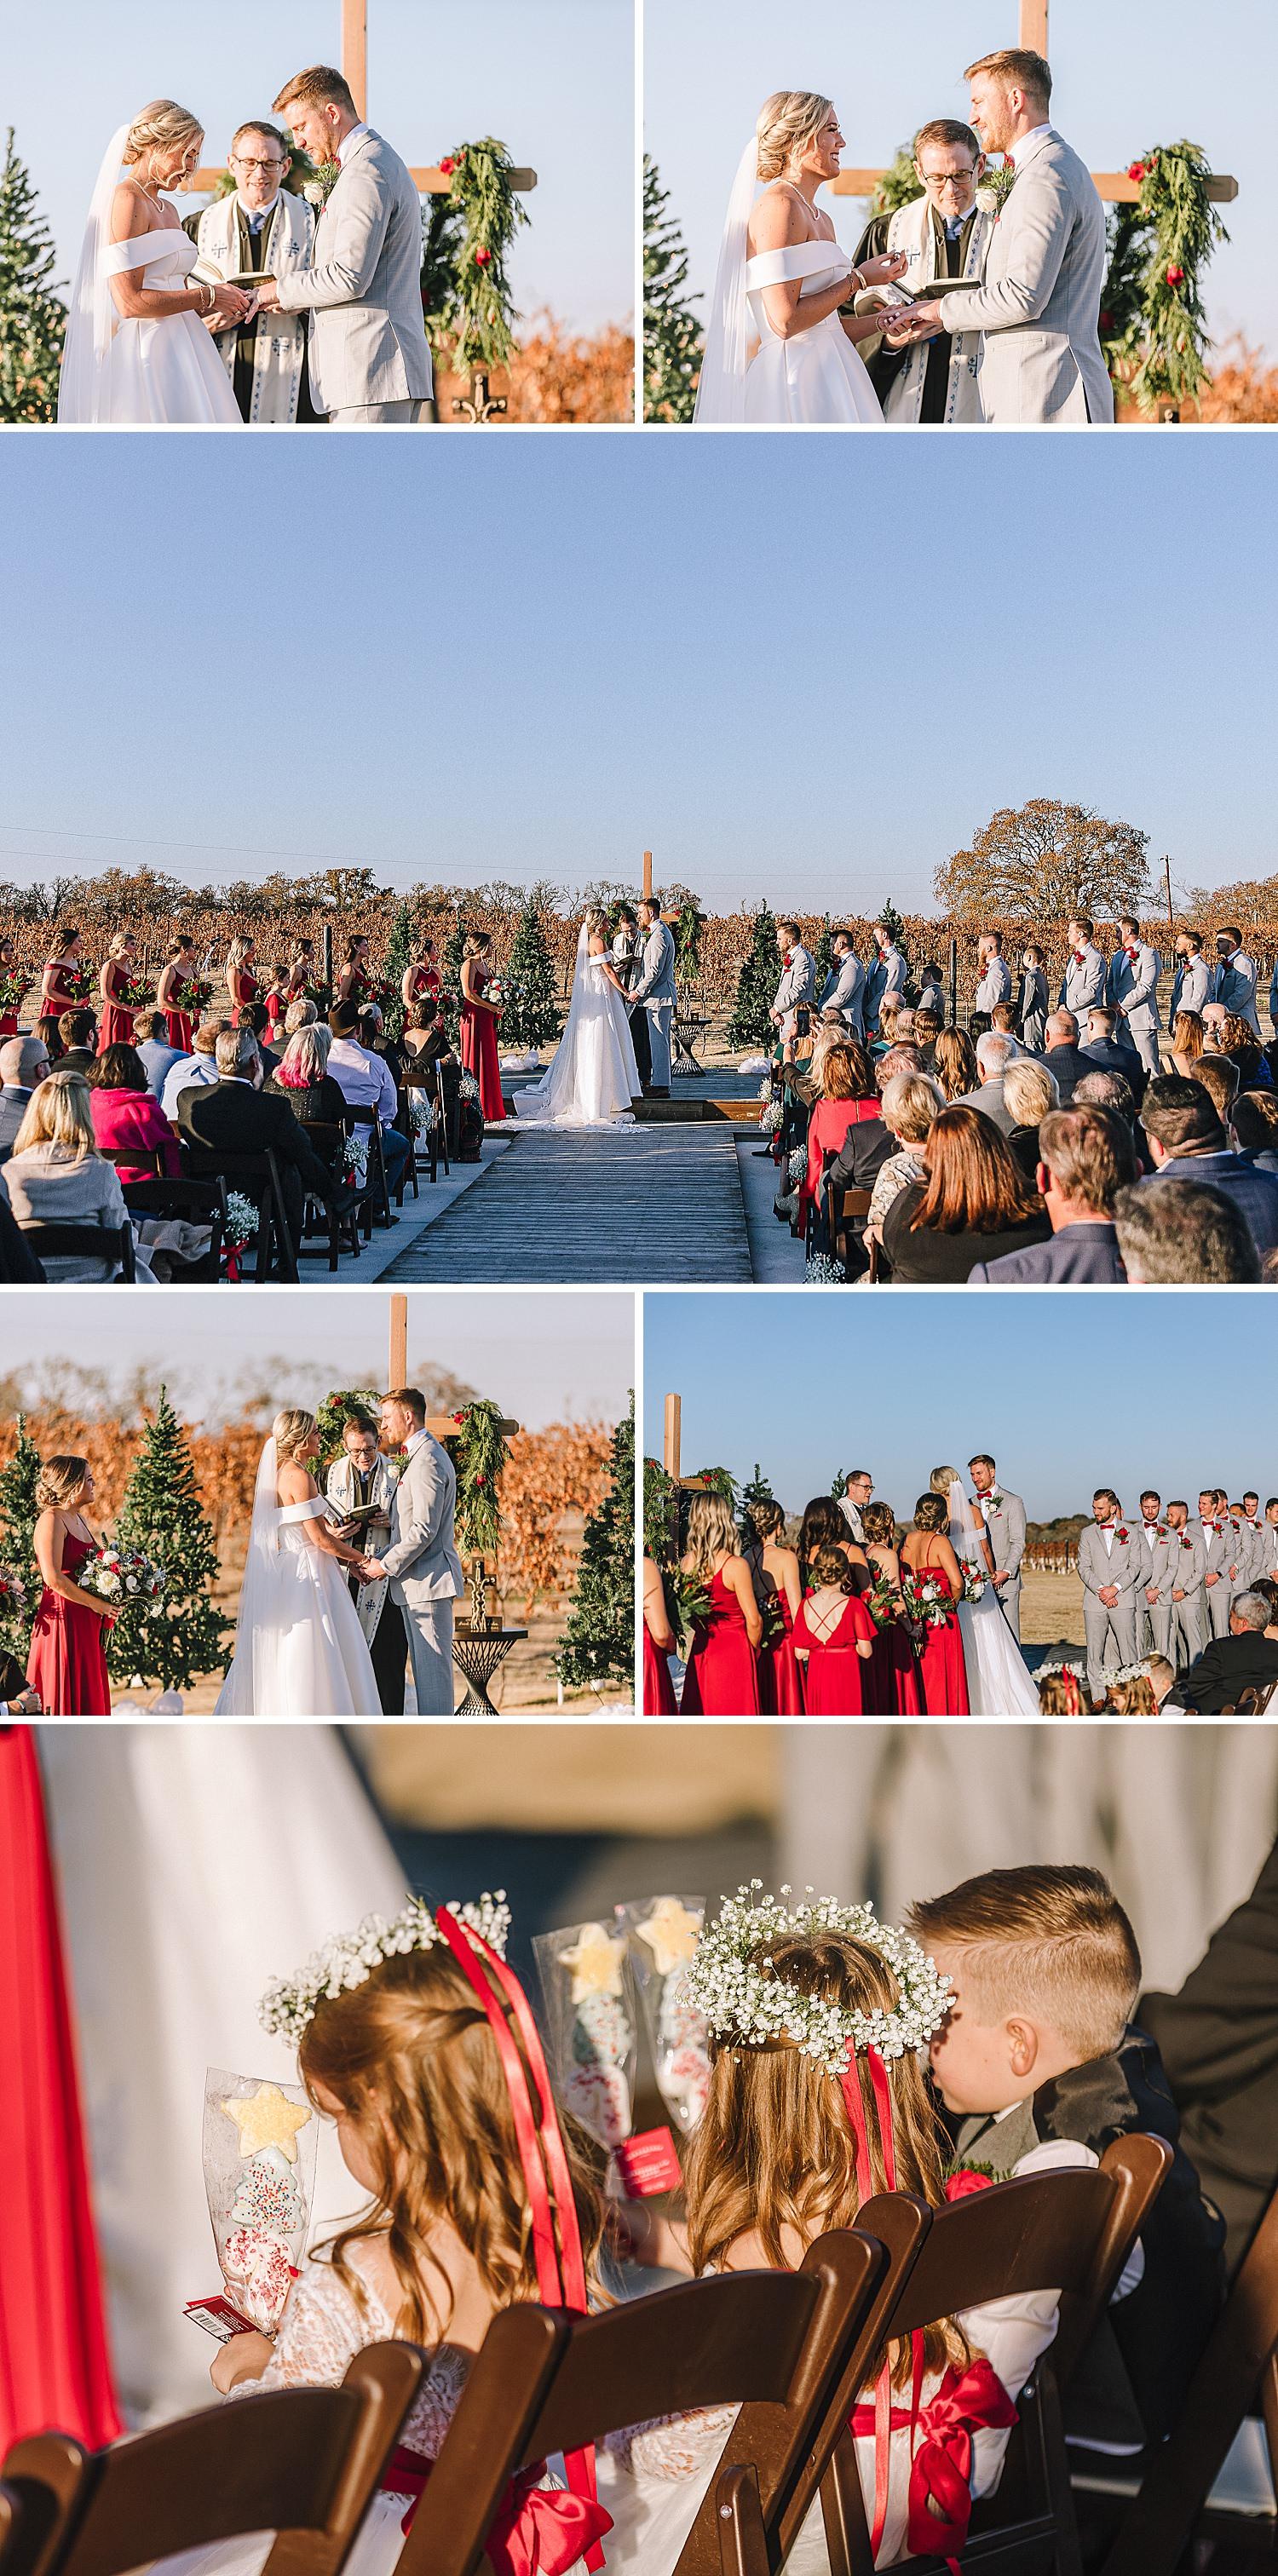 College-Station-Aggie-Wedding-The-Weinberg-at-Wixon-Valley-Christmas-Hallmark-Wedding_0064.jpg